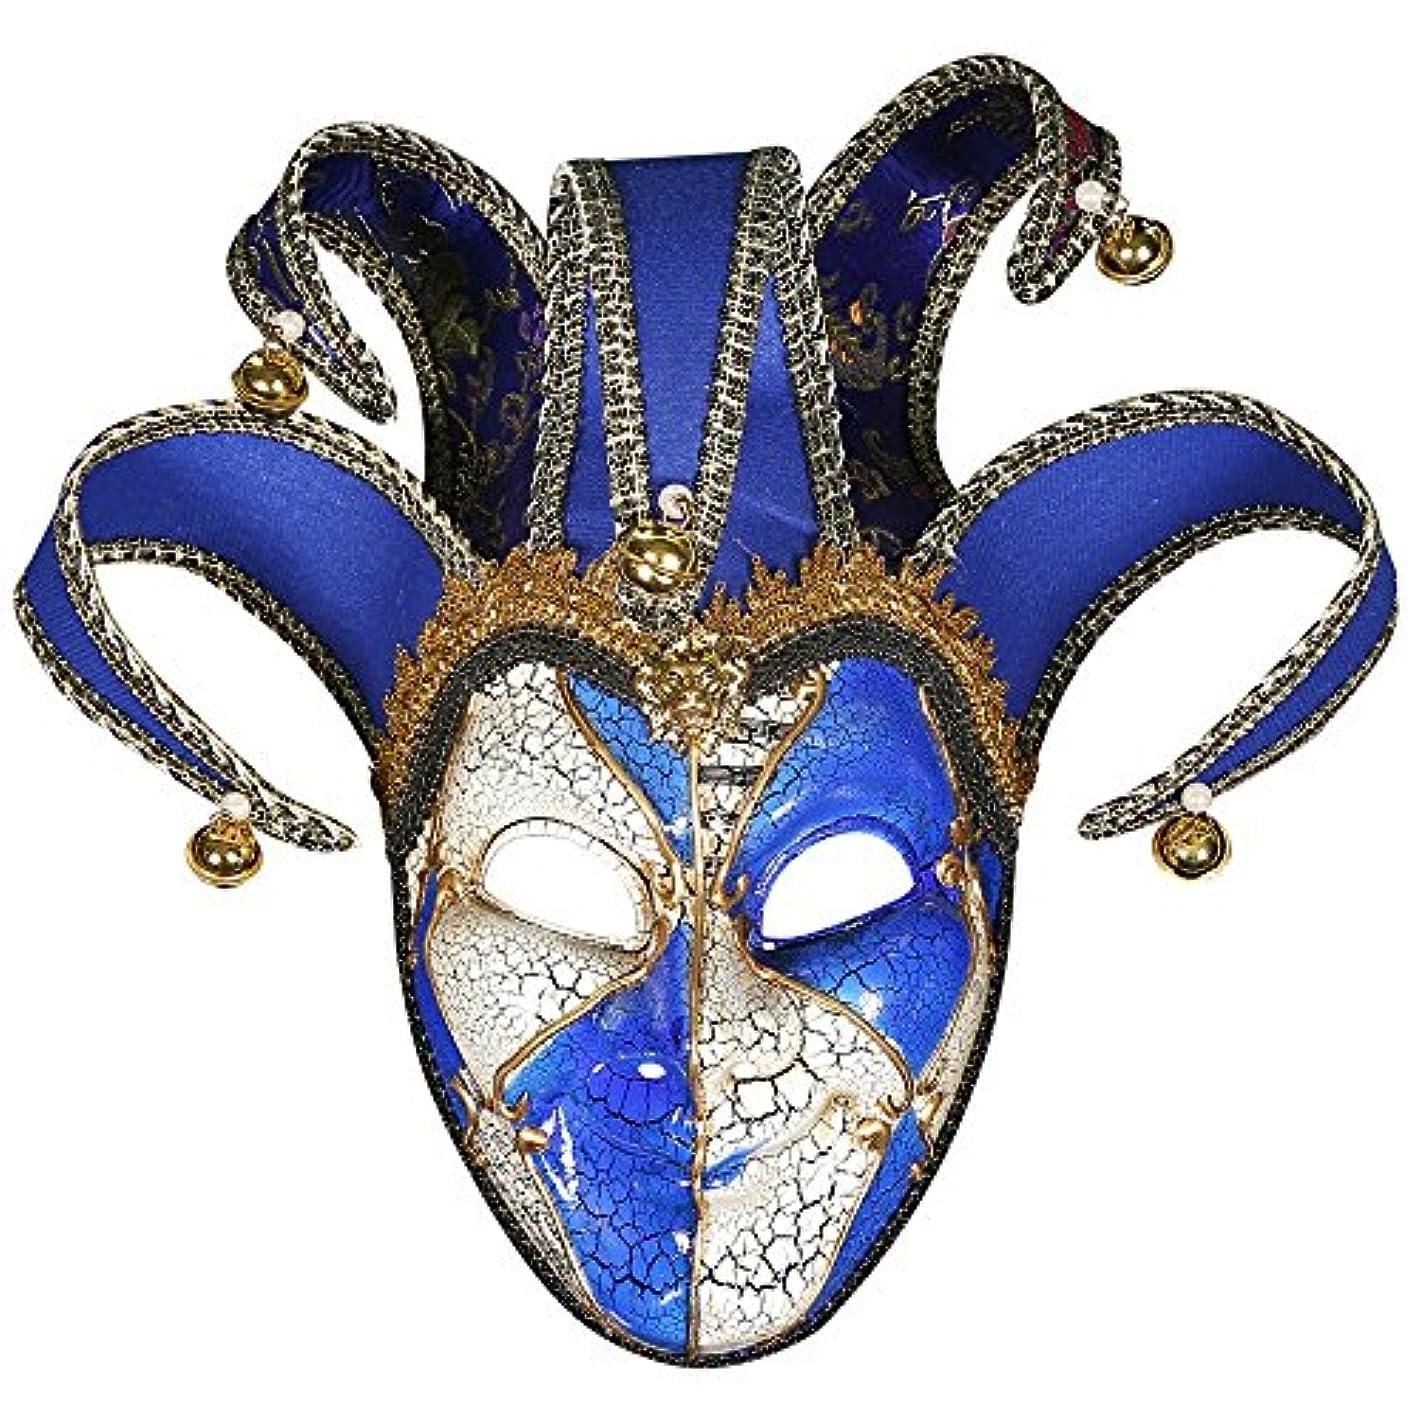 フレキシブルみ最適ハイエンドの美しいクラックフェスティバル仮面舞踏会マスクハロウィーン誕生日パーティーピエロマスク (Color : A)